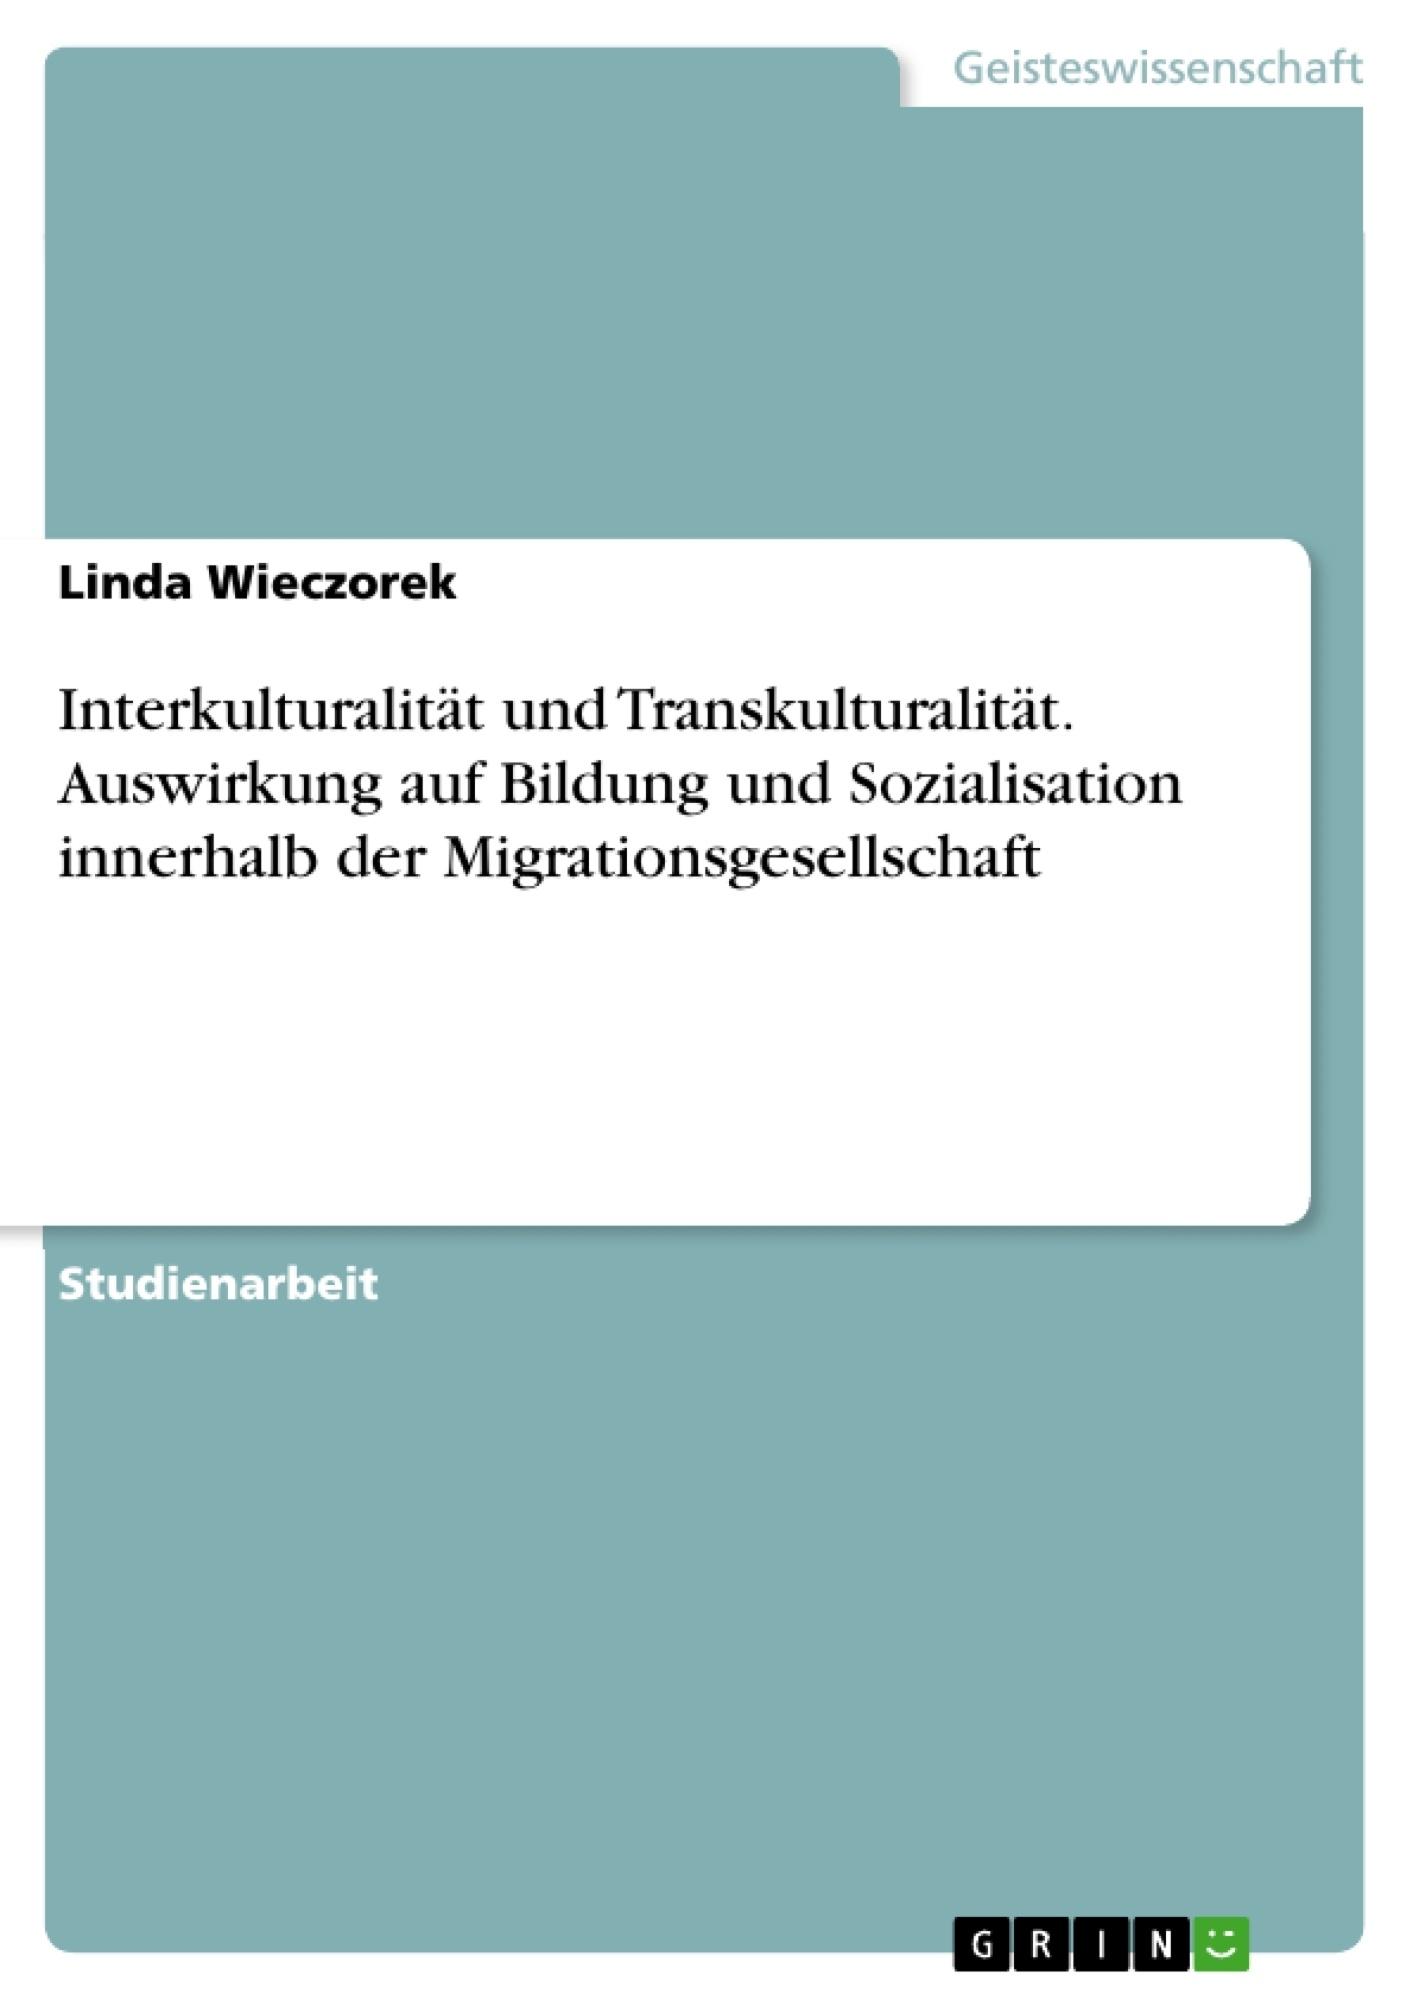 Titel: Interkulturalität und Transkulturalität. Auswirkung auf Bildung und Sozialisation innerhalb der Migrationsgesellschaft